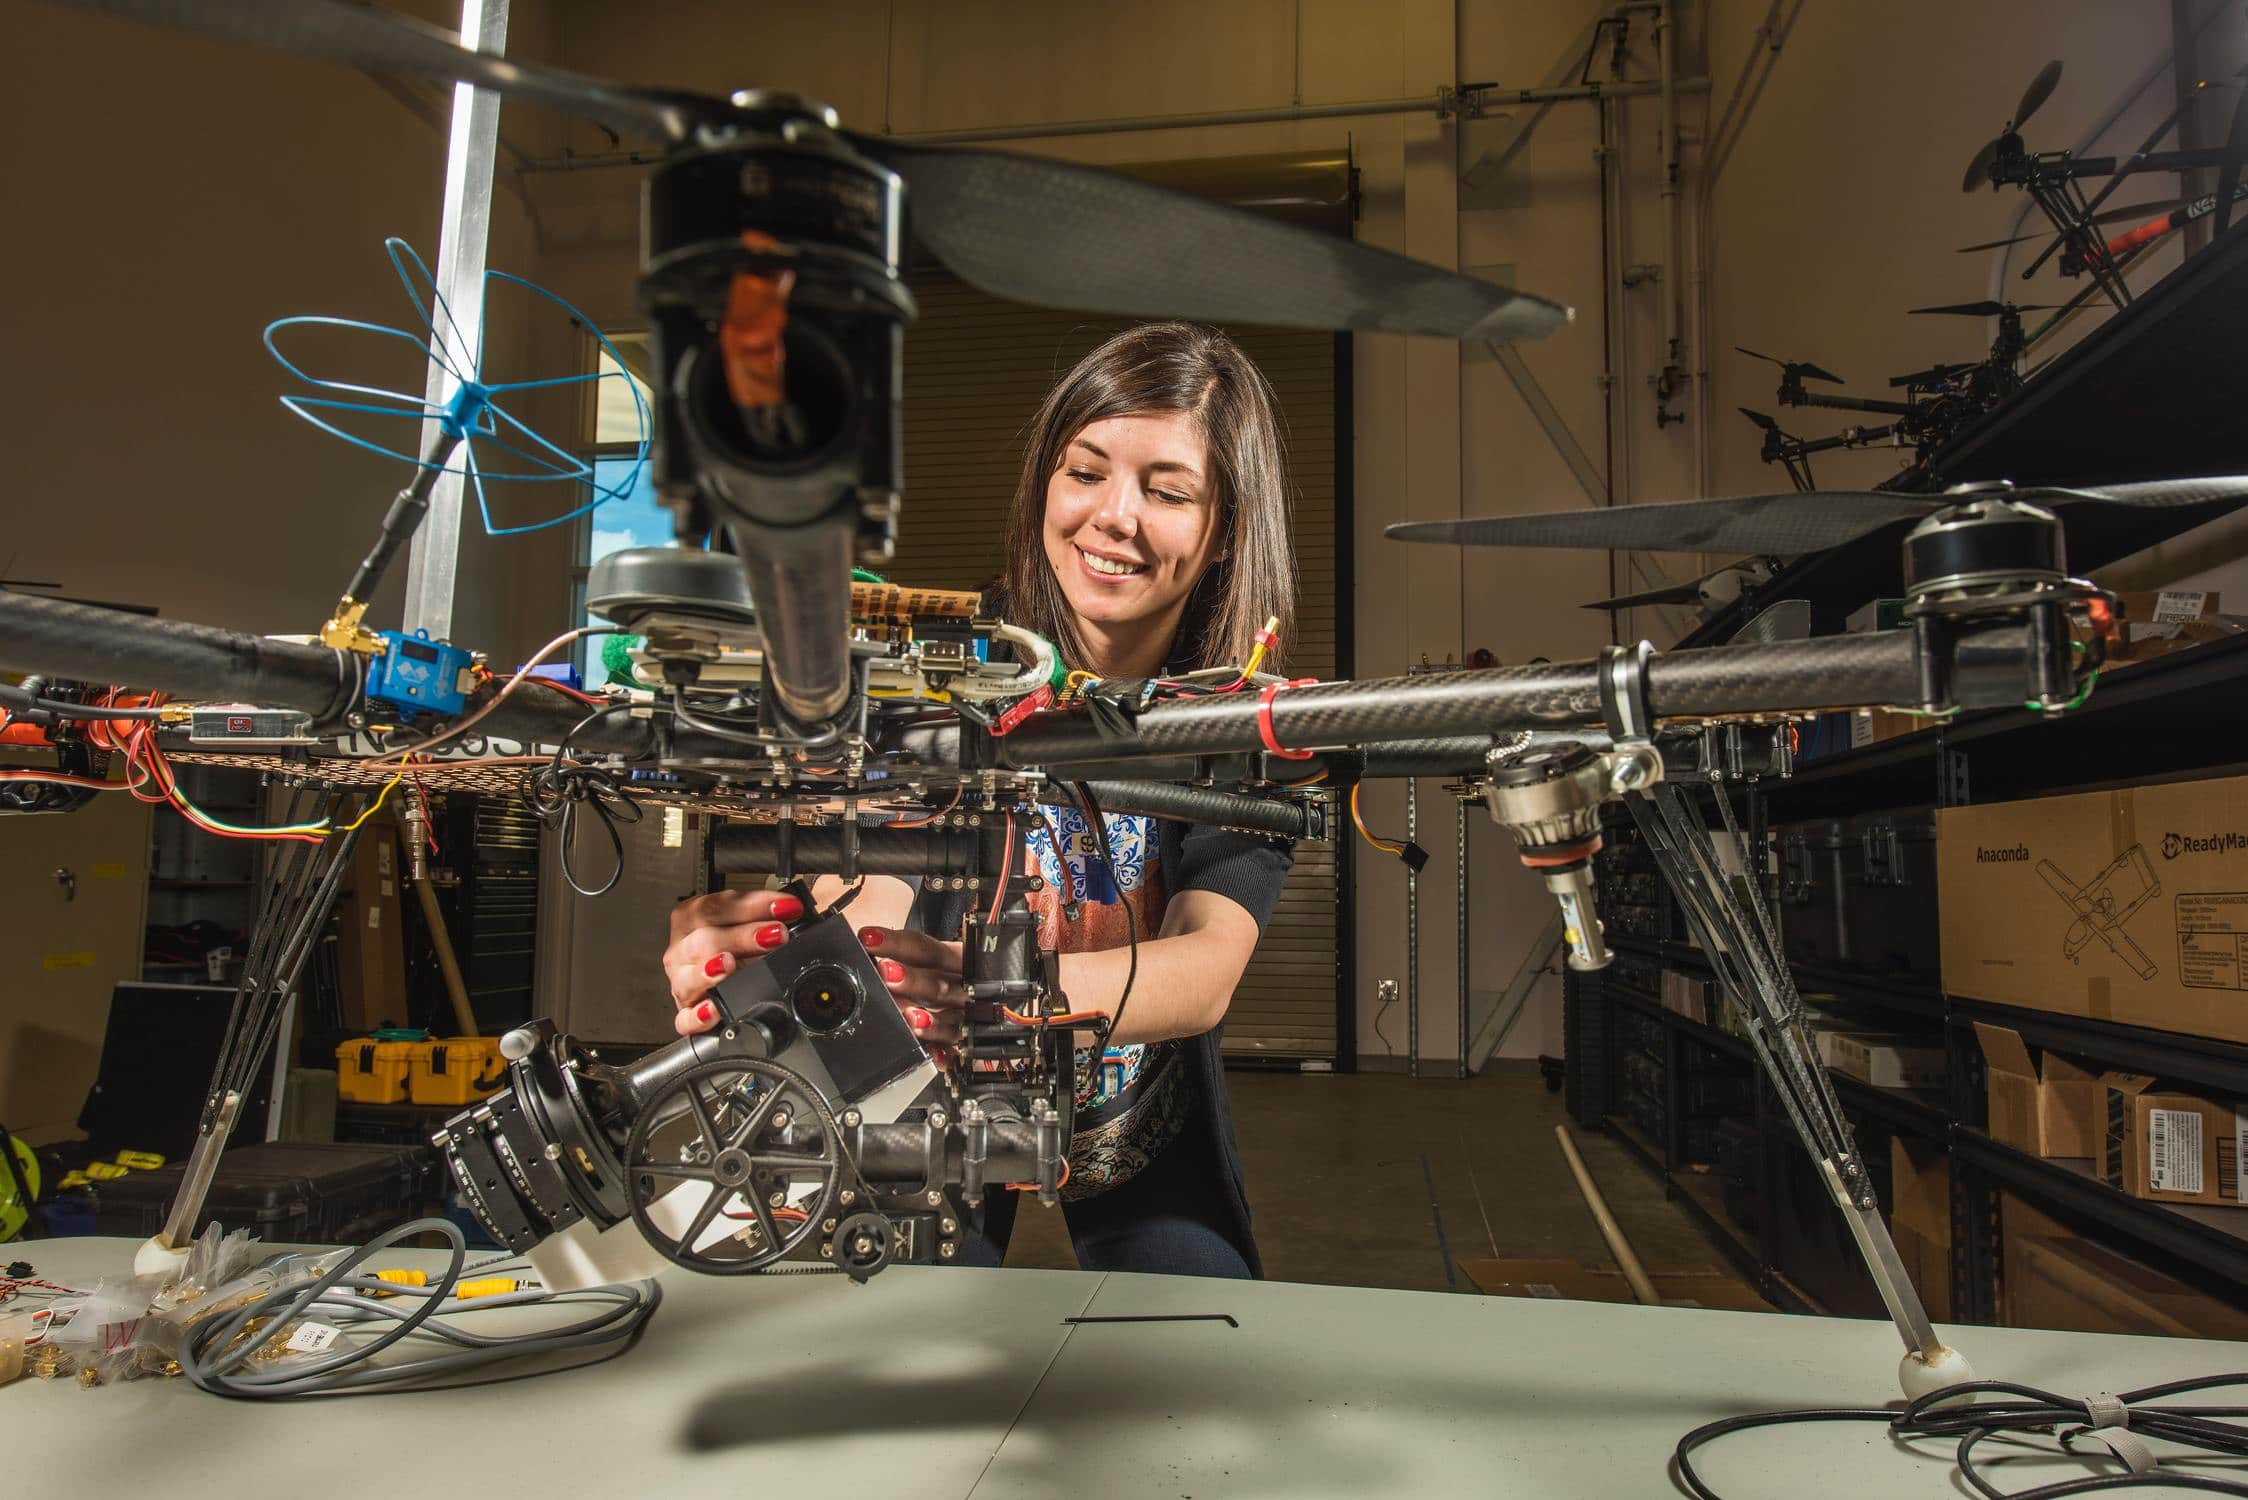 Mädchen macht eine Lehre in Elektrotechnik oder IT